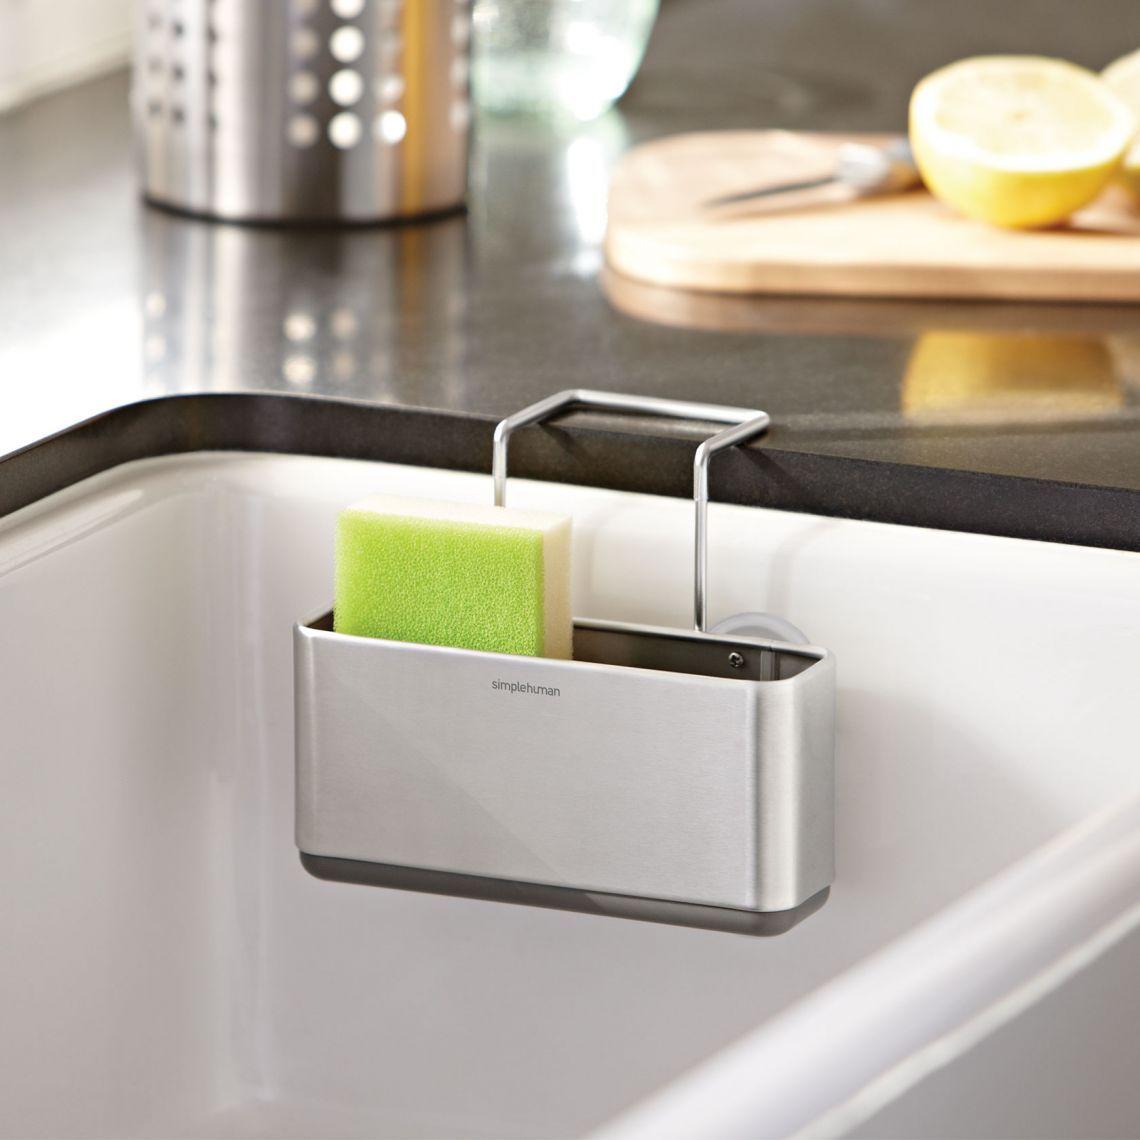 Sink Caddy In 2021 Kitchen Sink Caddy Sink Caddy Kitchen Sink Accessories